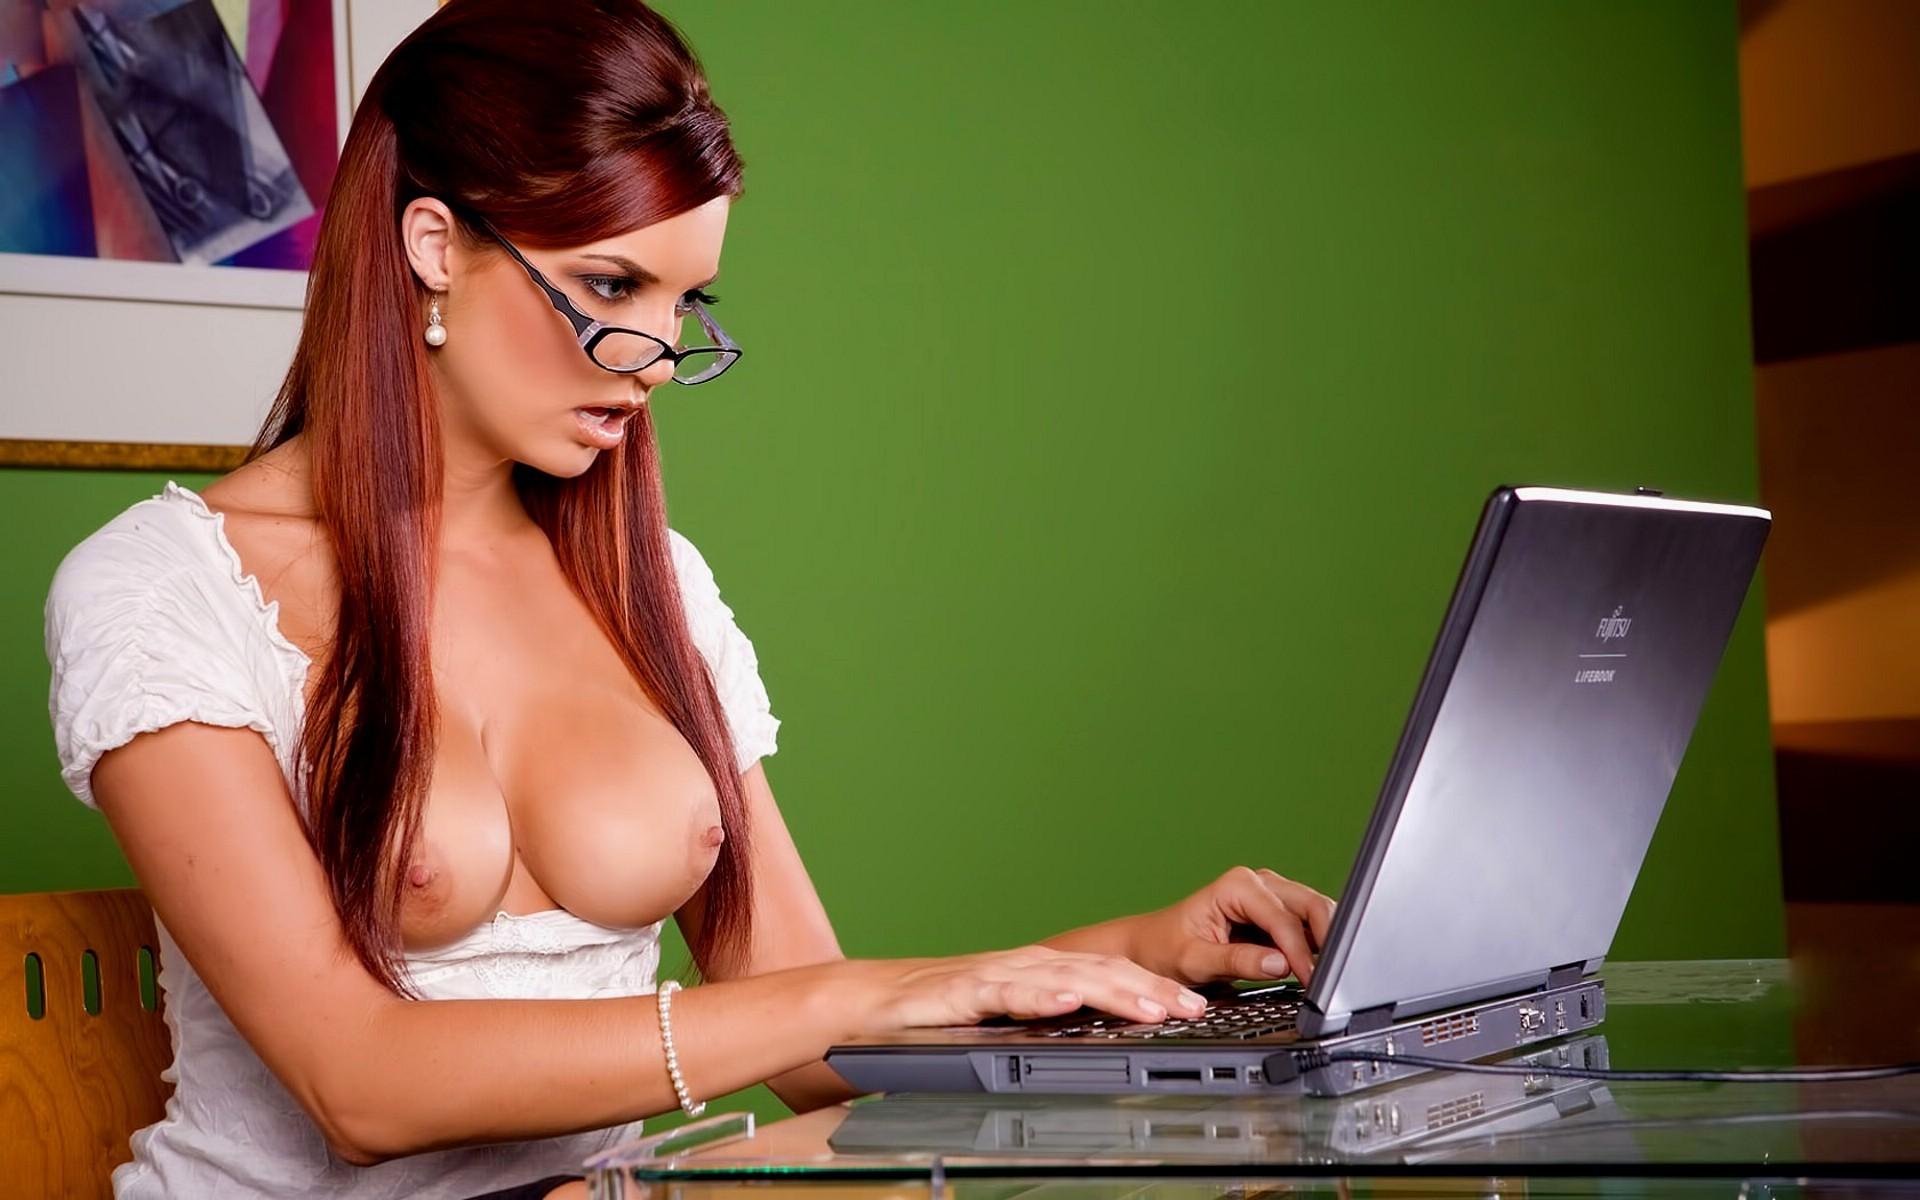 Сексуальные девушки за компьютером 15 фотография